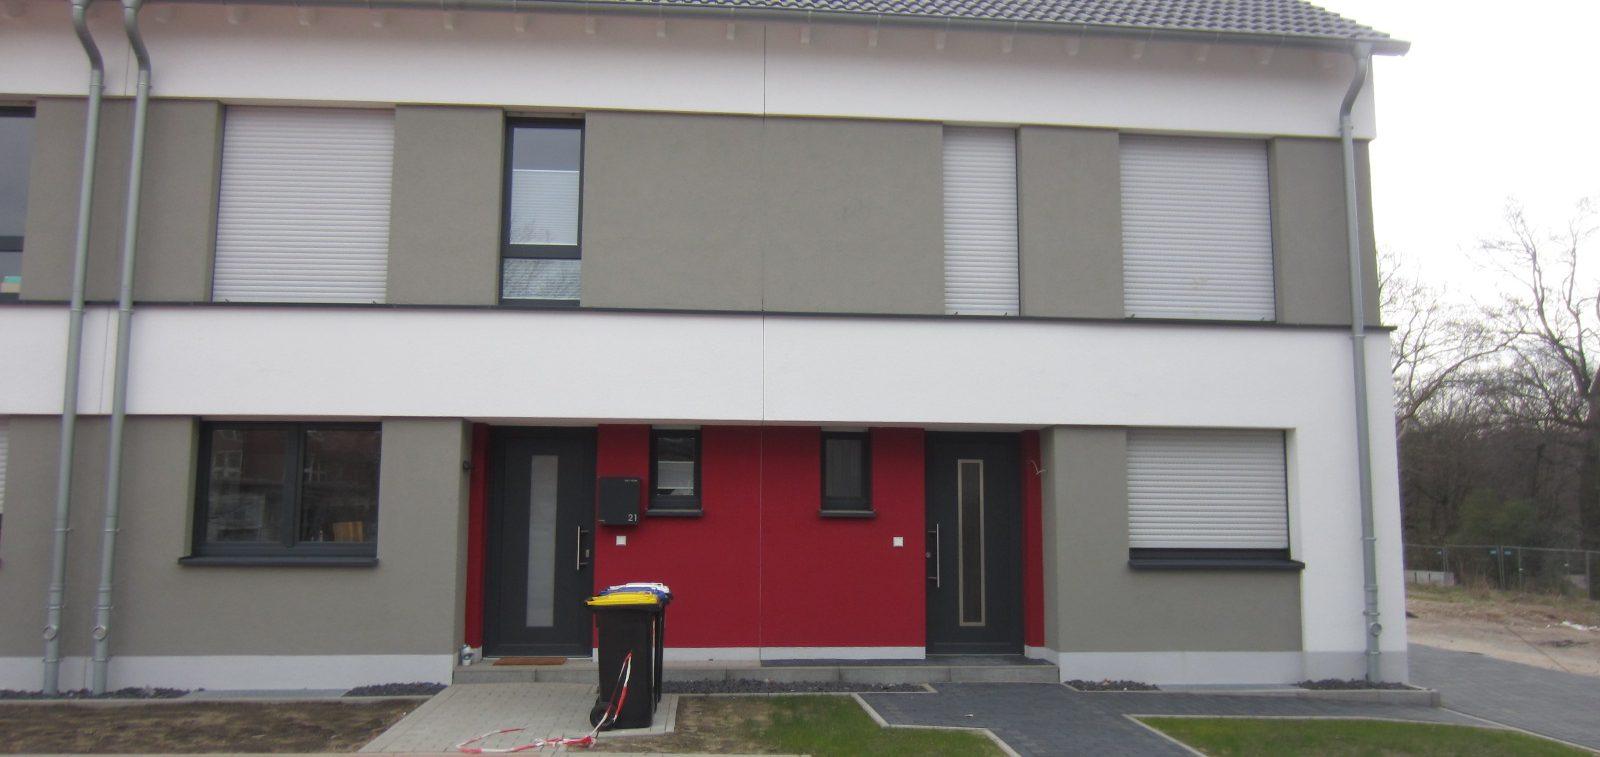 Haus in rot, weiß, grau Vorderansicht